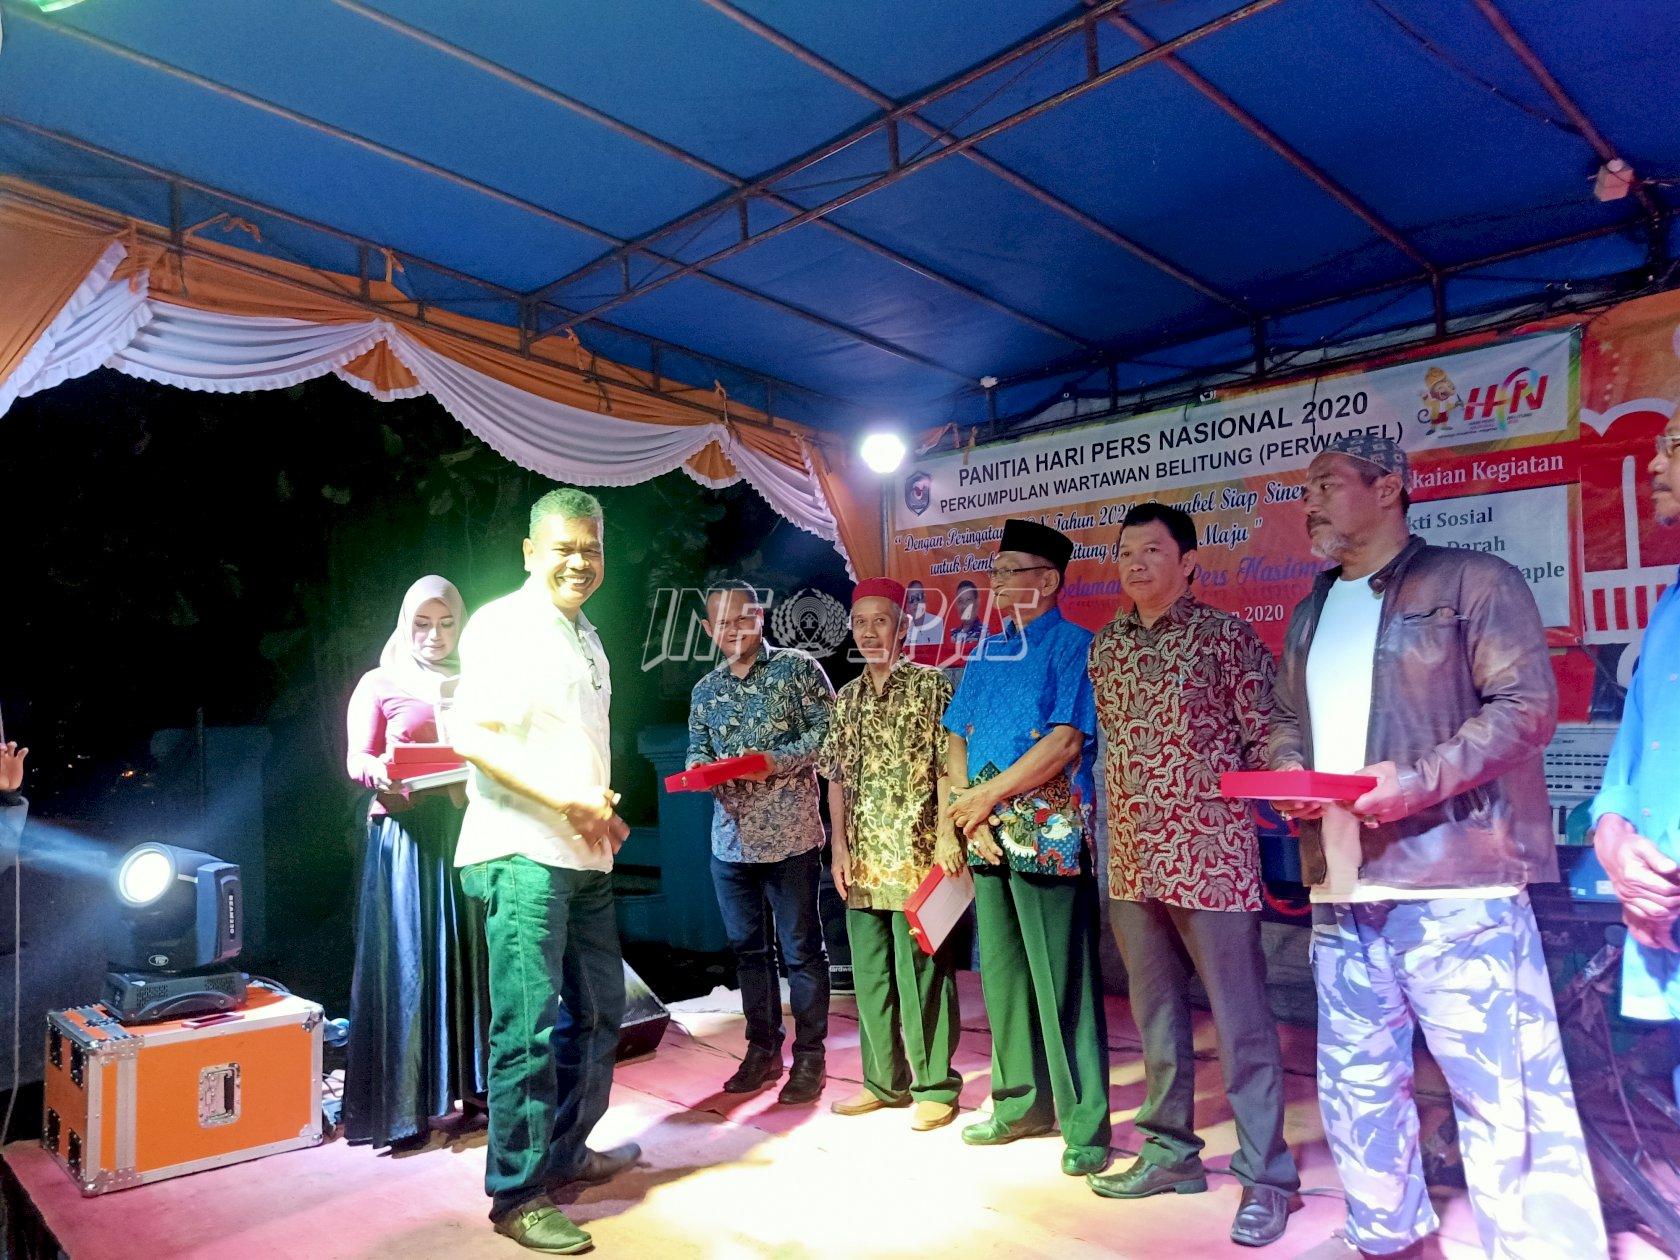 Kalapas Tanjungpandan Berharap Pers Dukung Program Pembinaan di Lapas